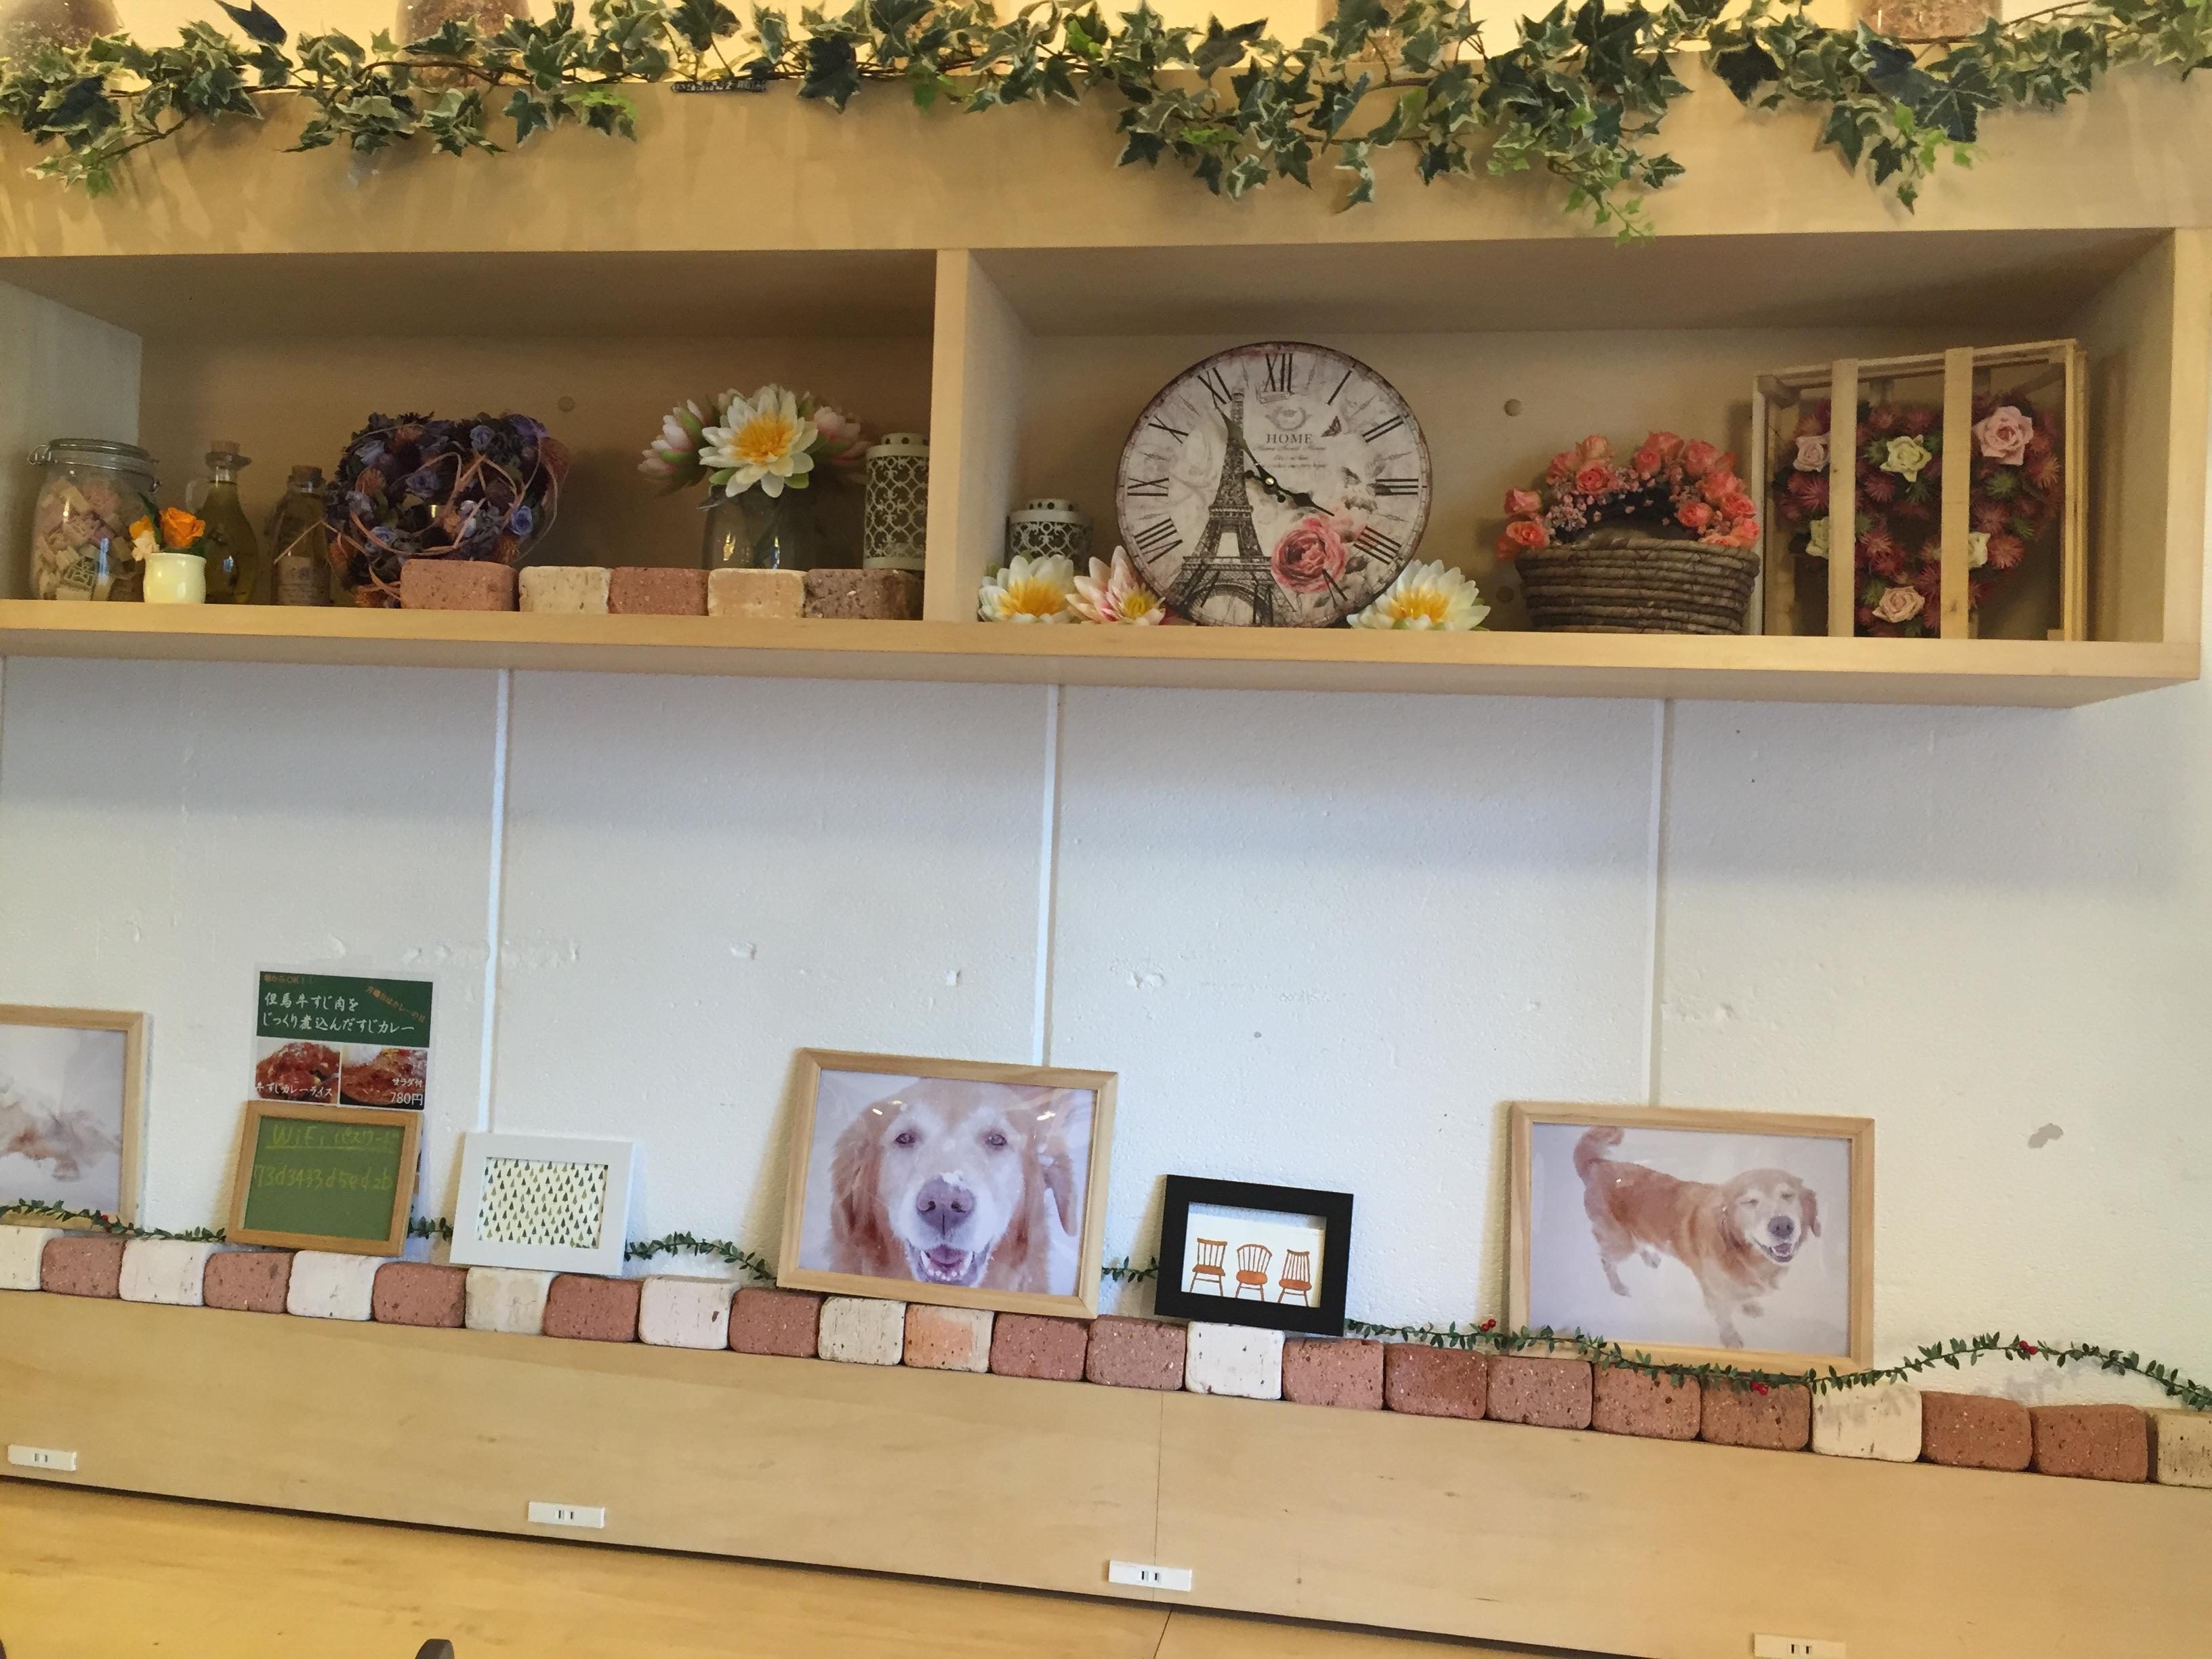 【中目黒】女子会にピッタリな雰囲気と可愛い雑貨が沢山ある「aroma cafe」